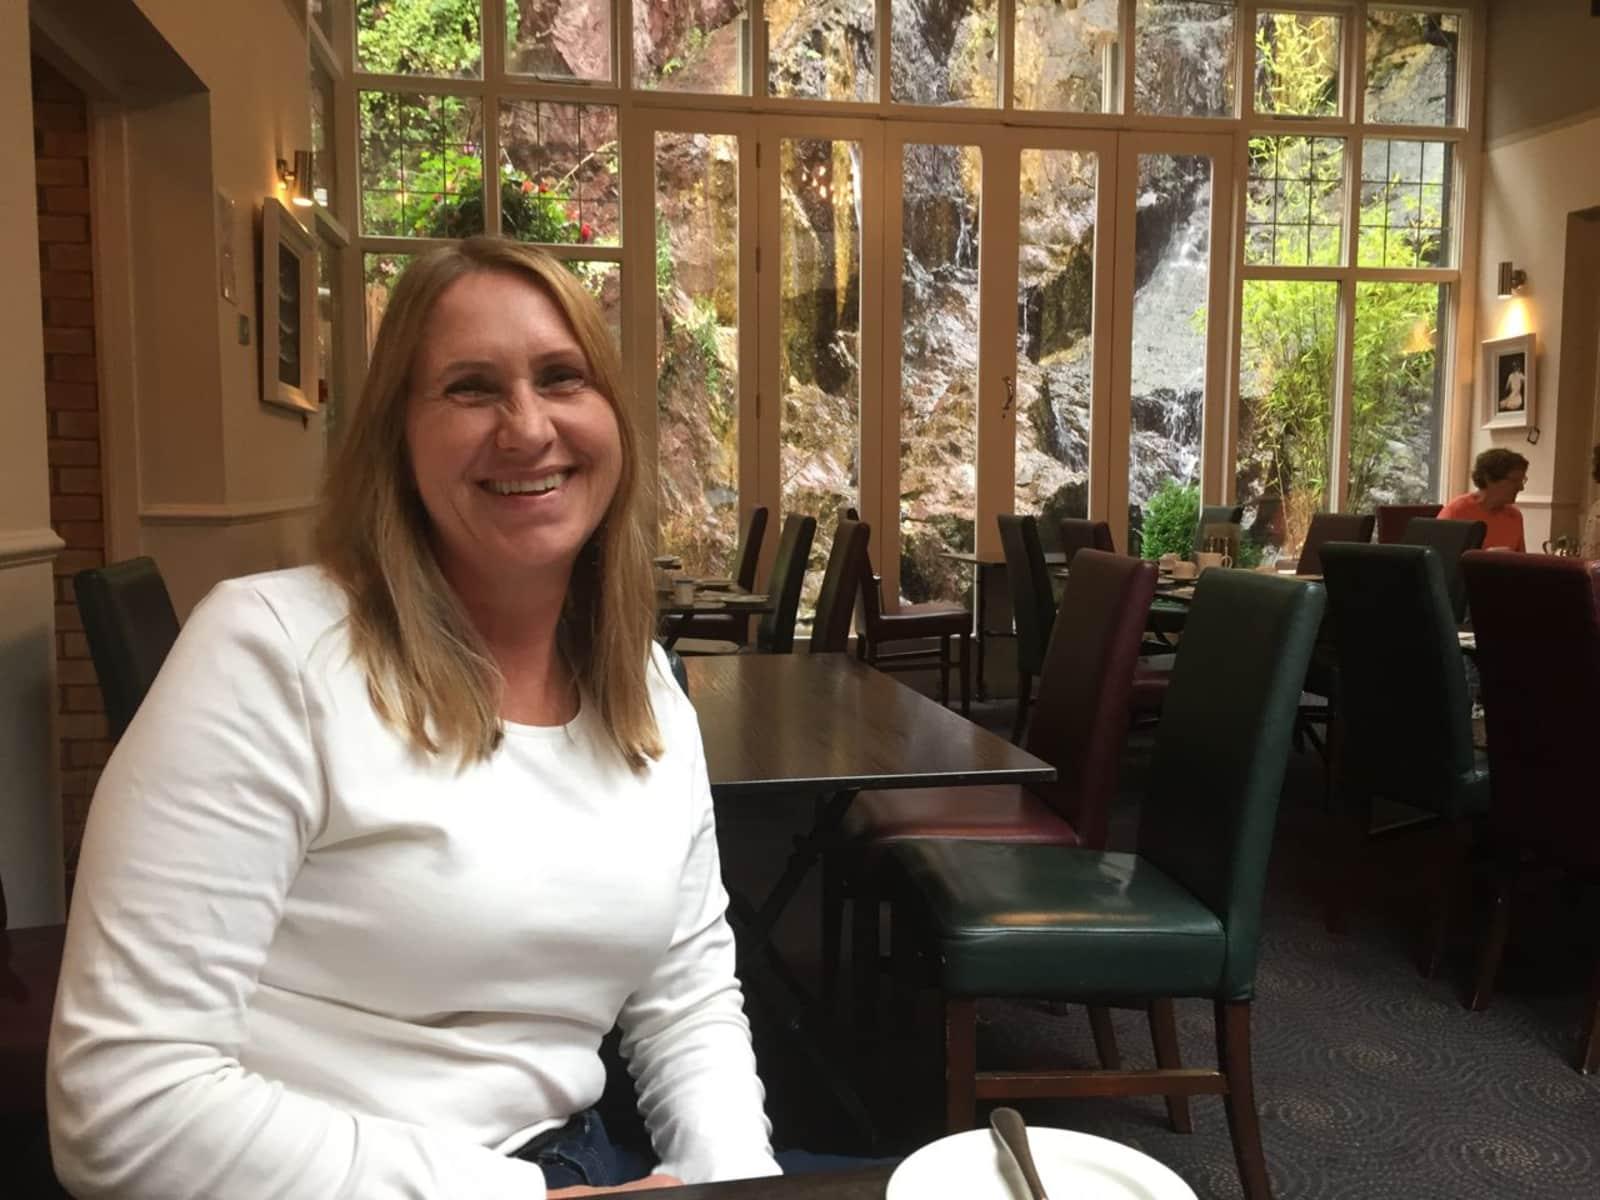 Michelle from Calgary, Alberta, Canada